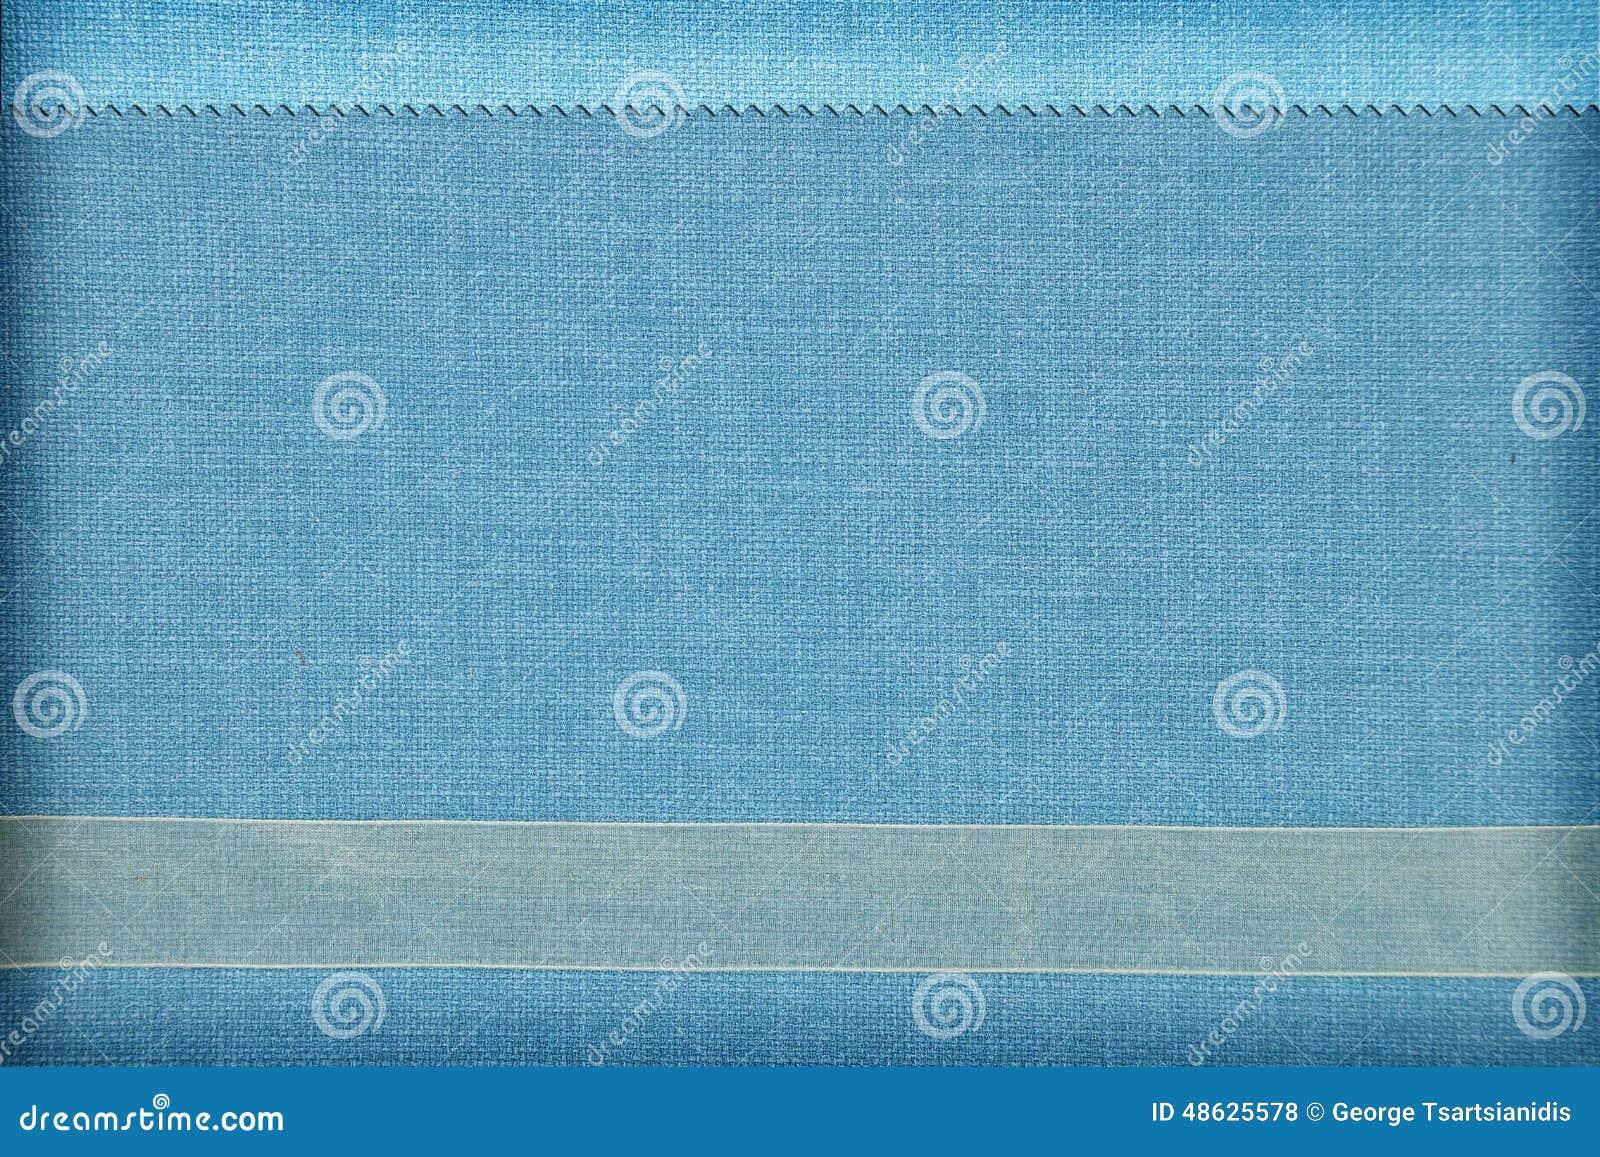 Fondo decorativo de la tela